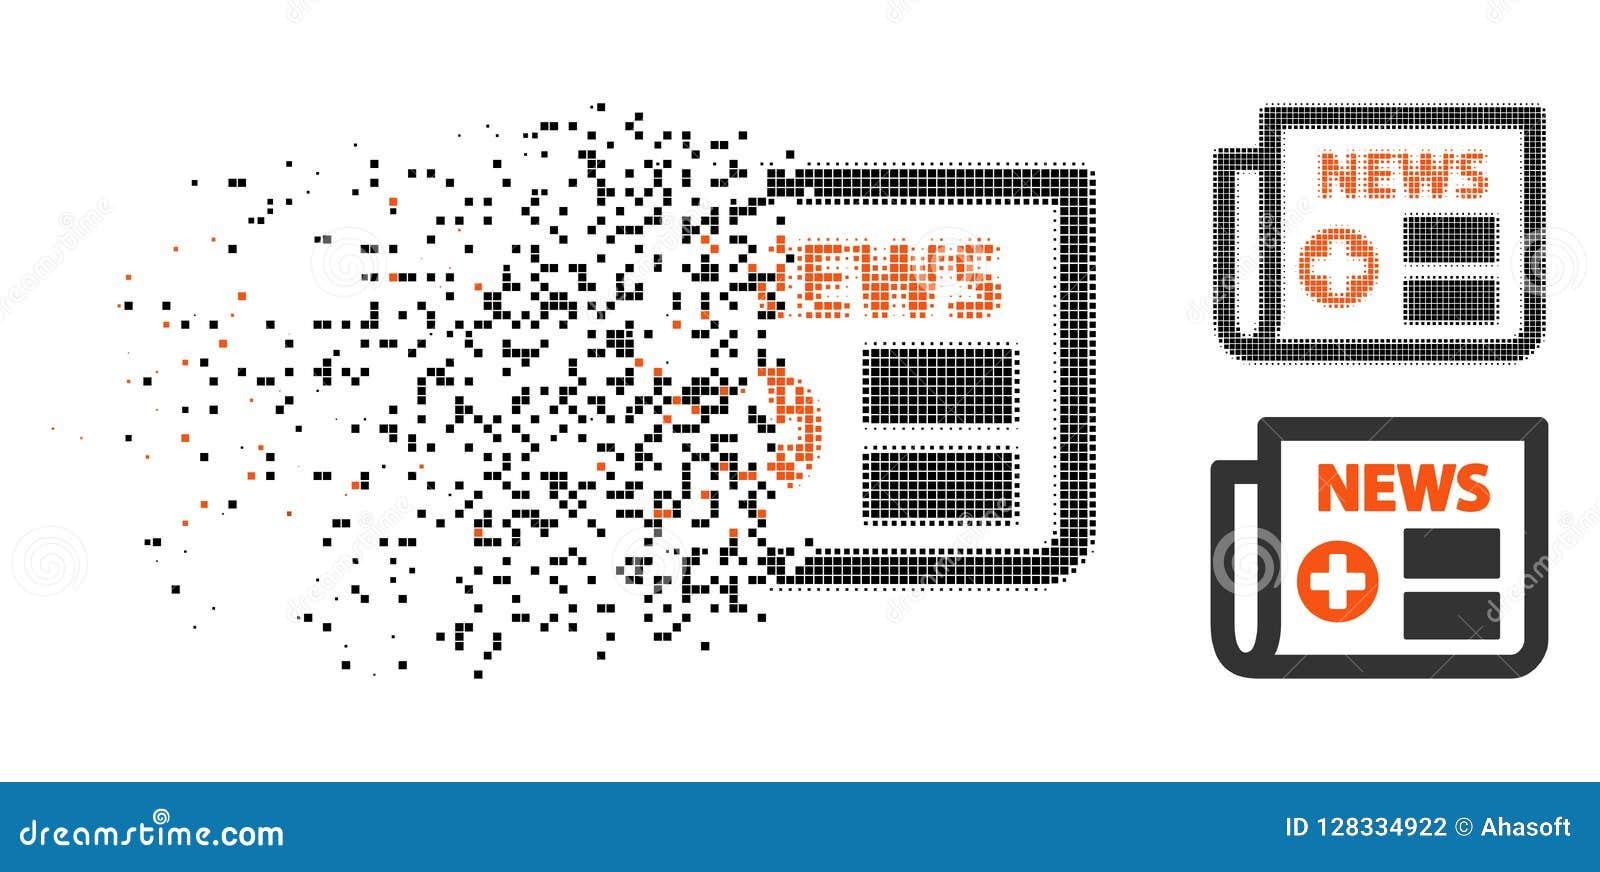 Icono médico de semitono punteado hecho fragmentos del periódico